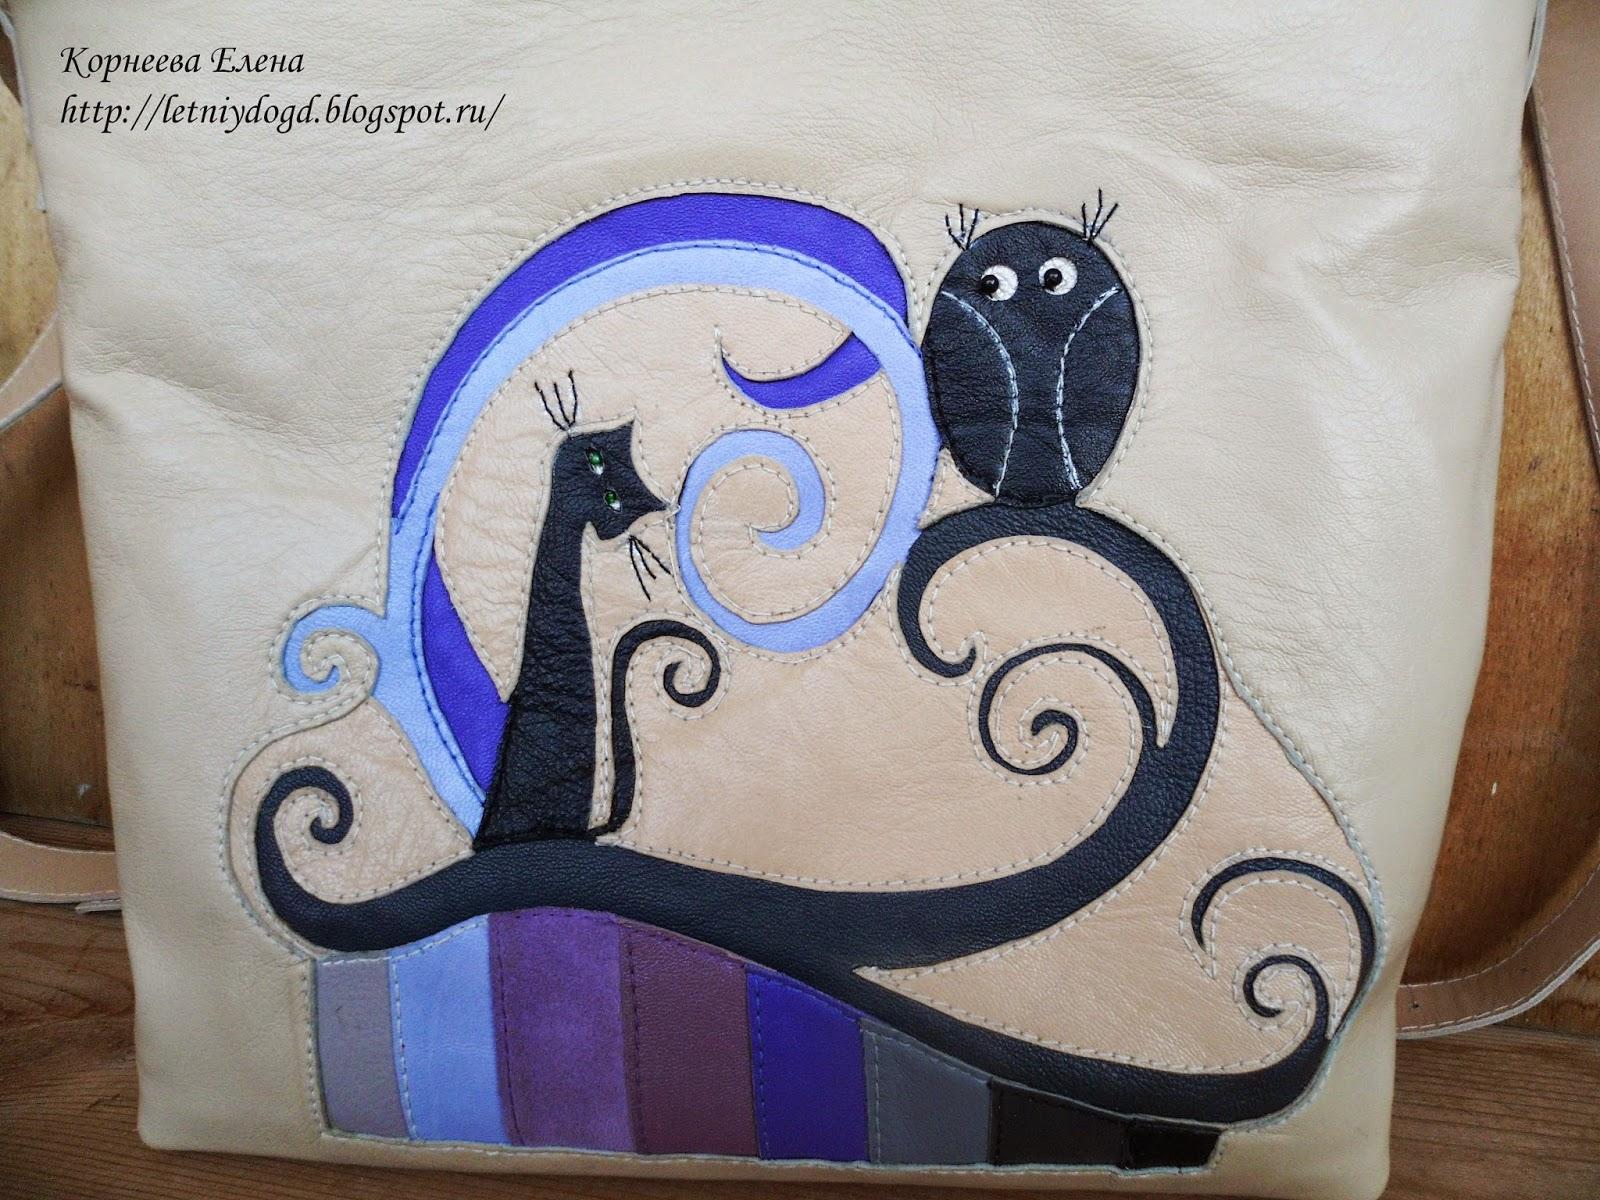 женская сумка с аппликацией